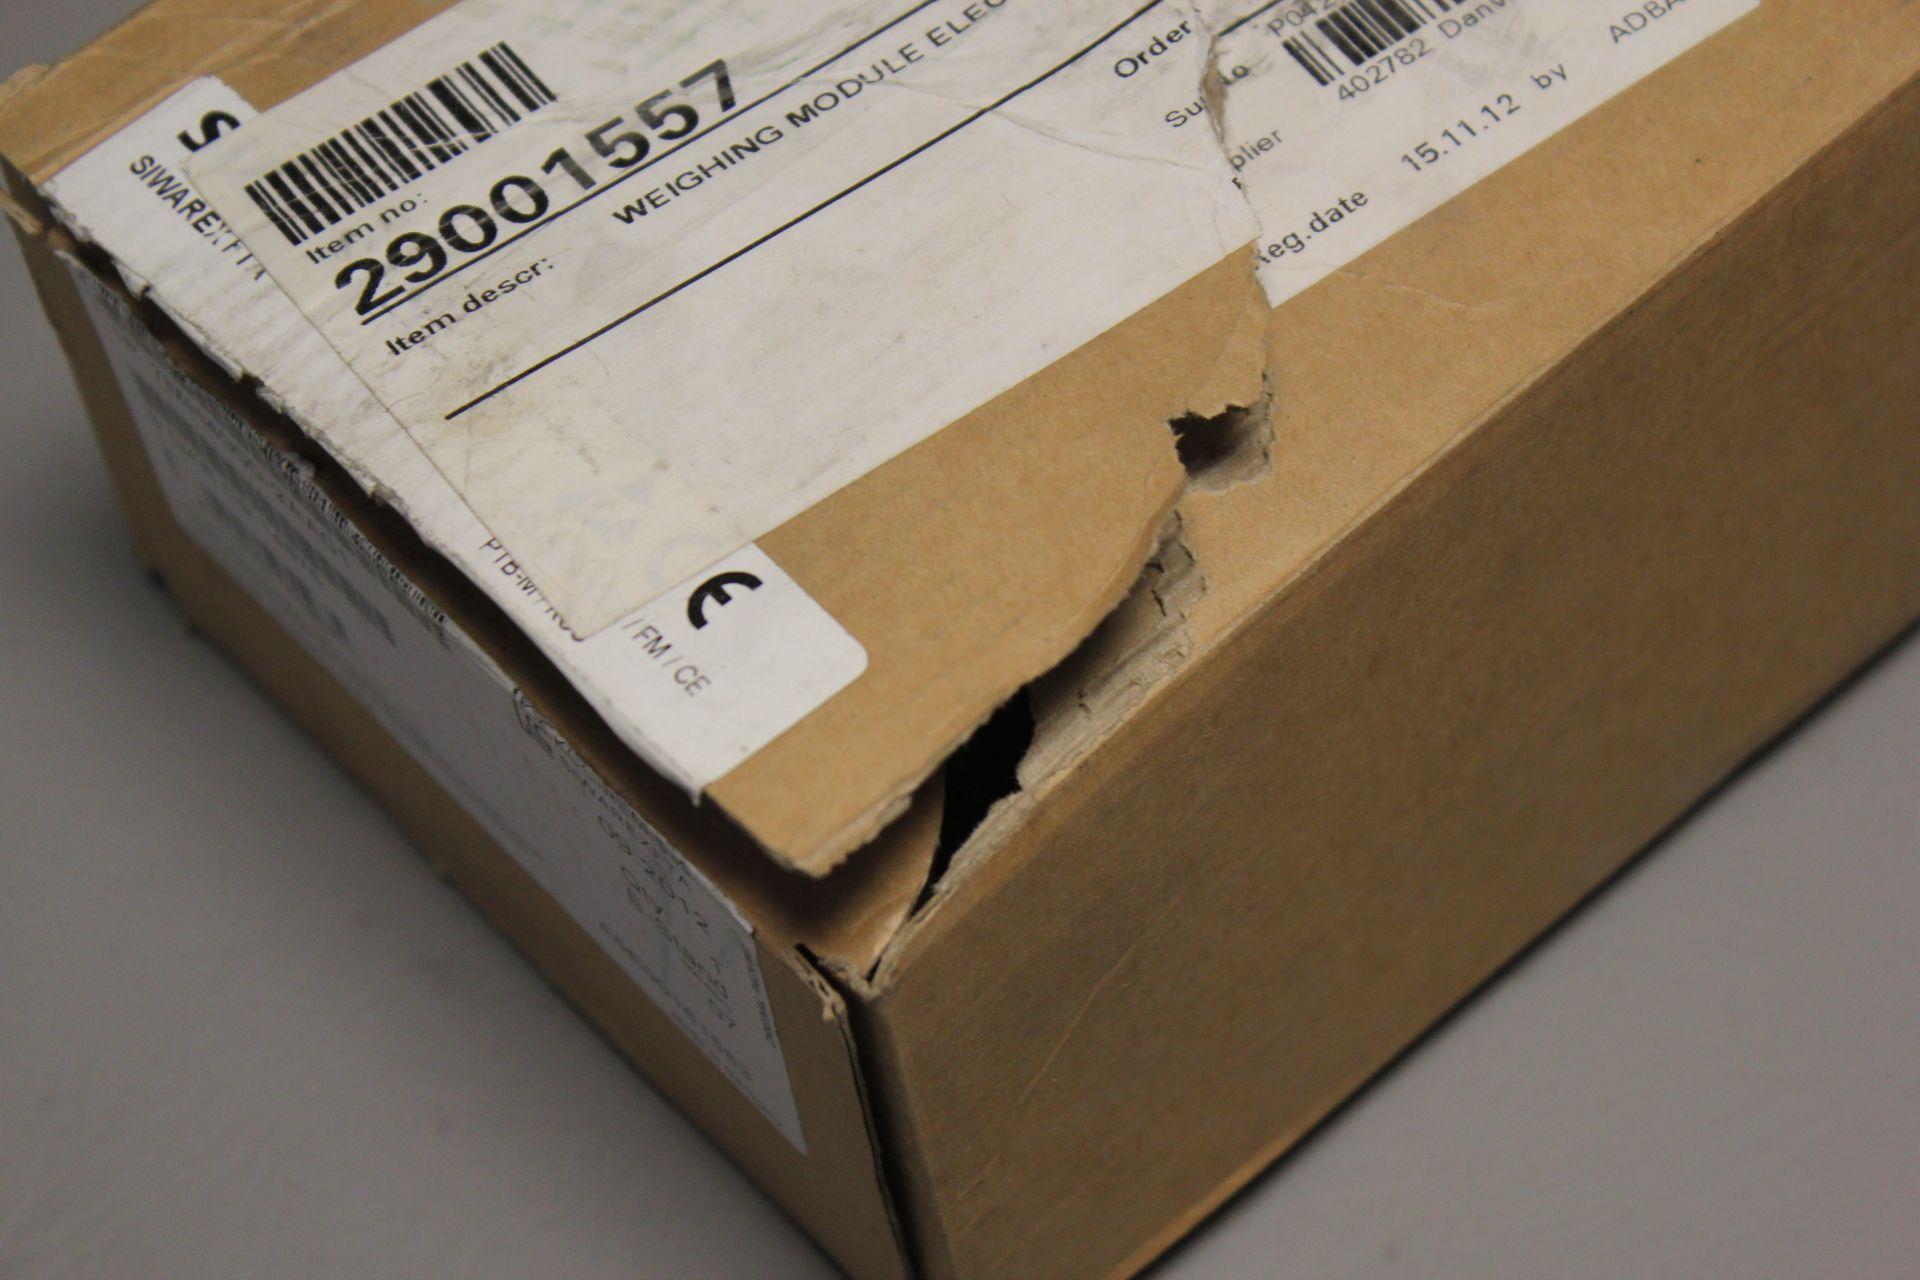 NEW SIEMENS SIWAREX FTA PLC WEIGHING MODULE - Image 8 of 8